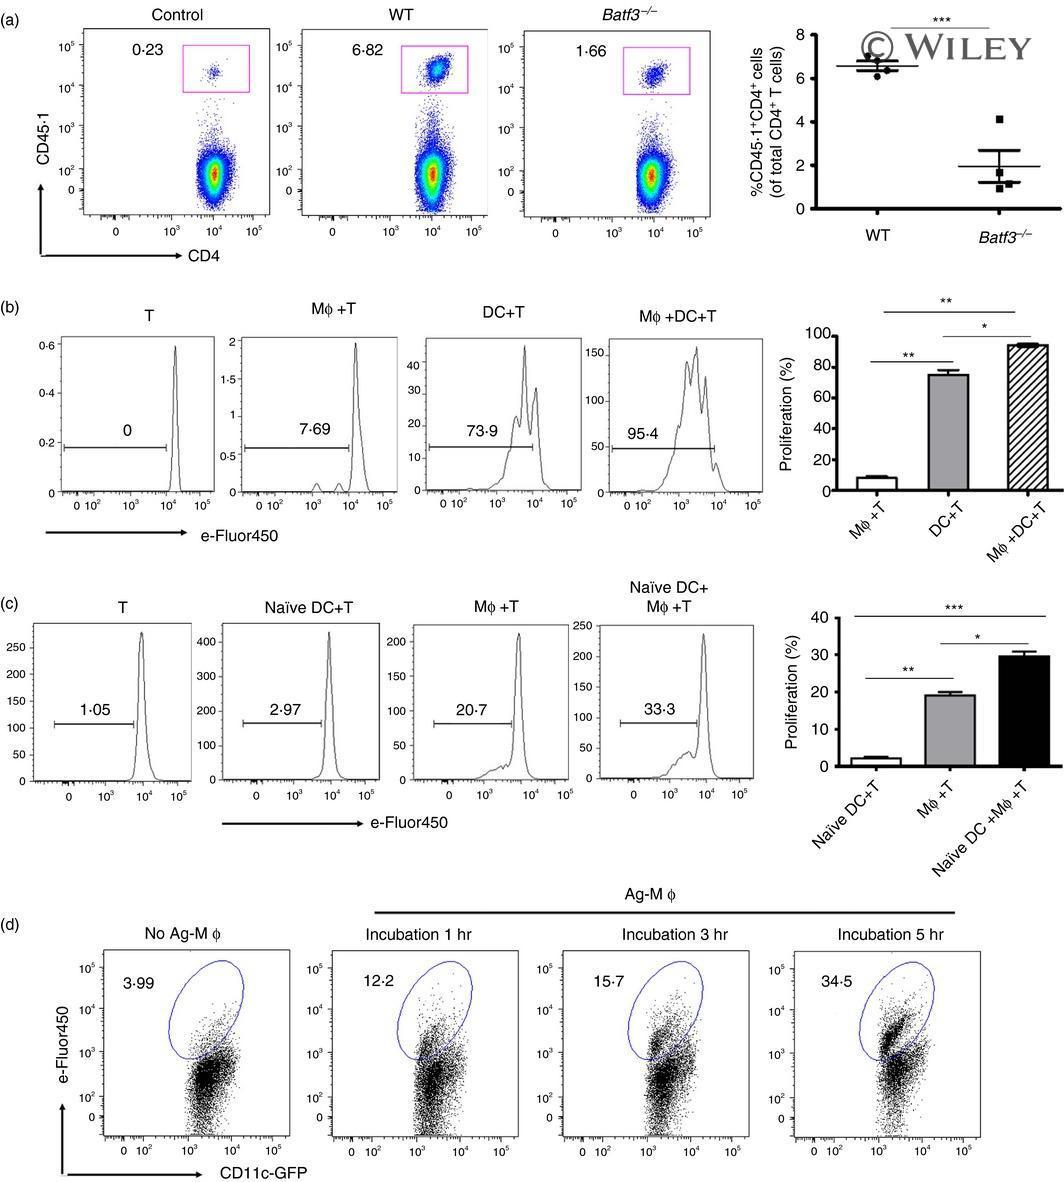 TCR V alpha 2 Antibody